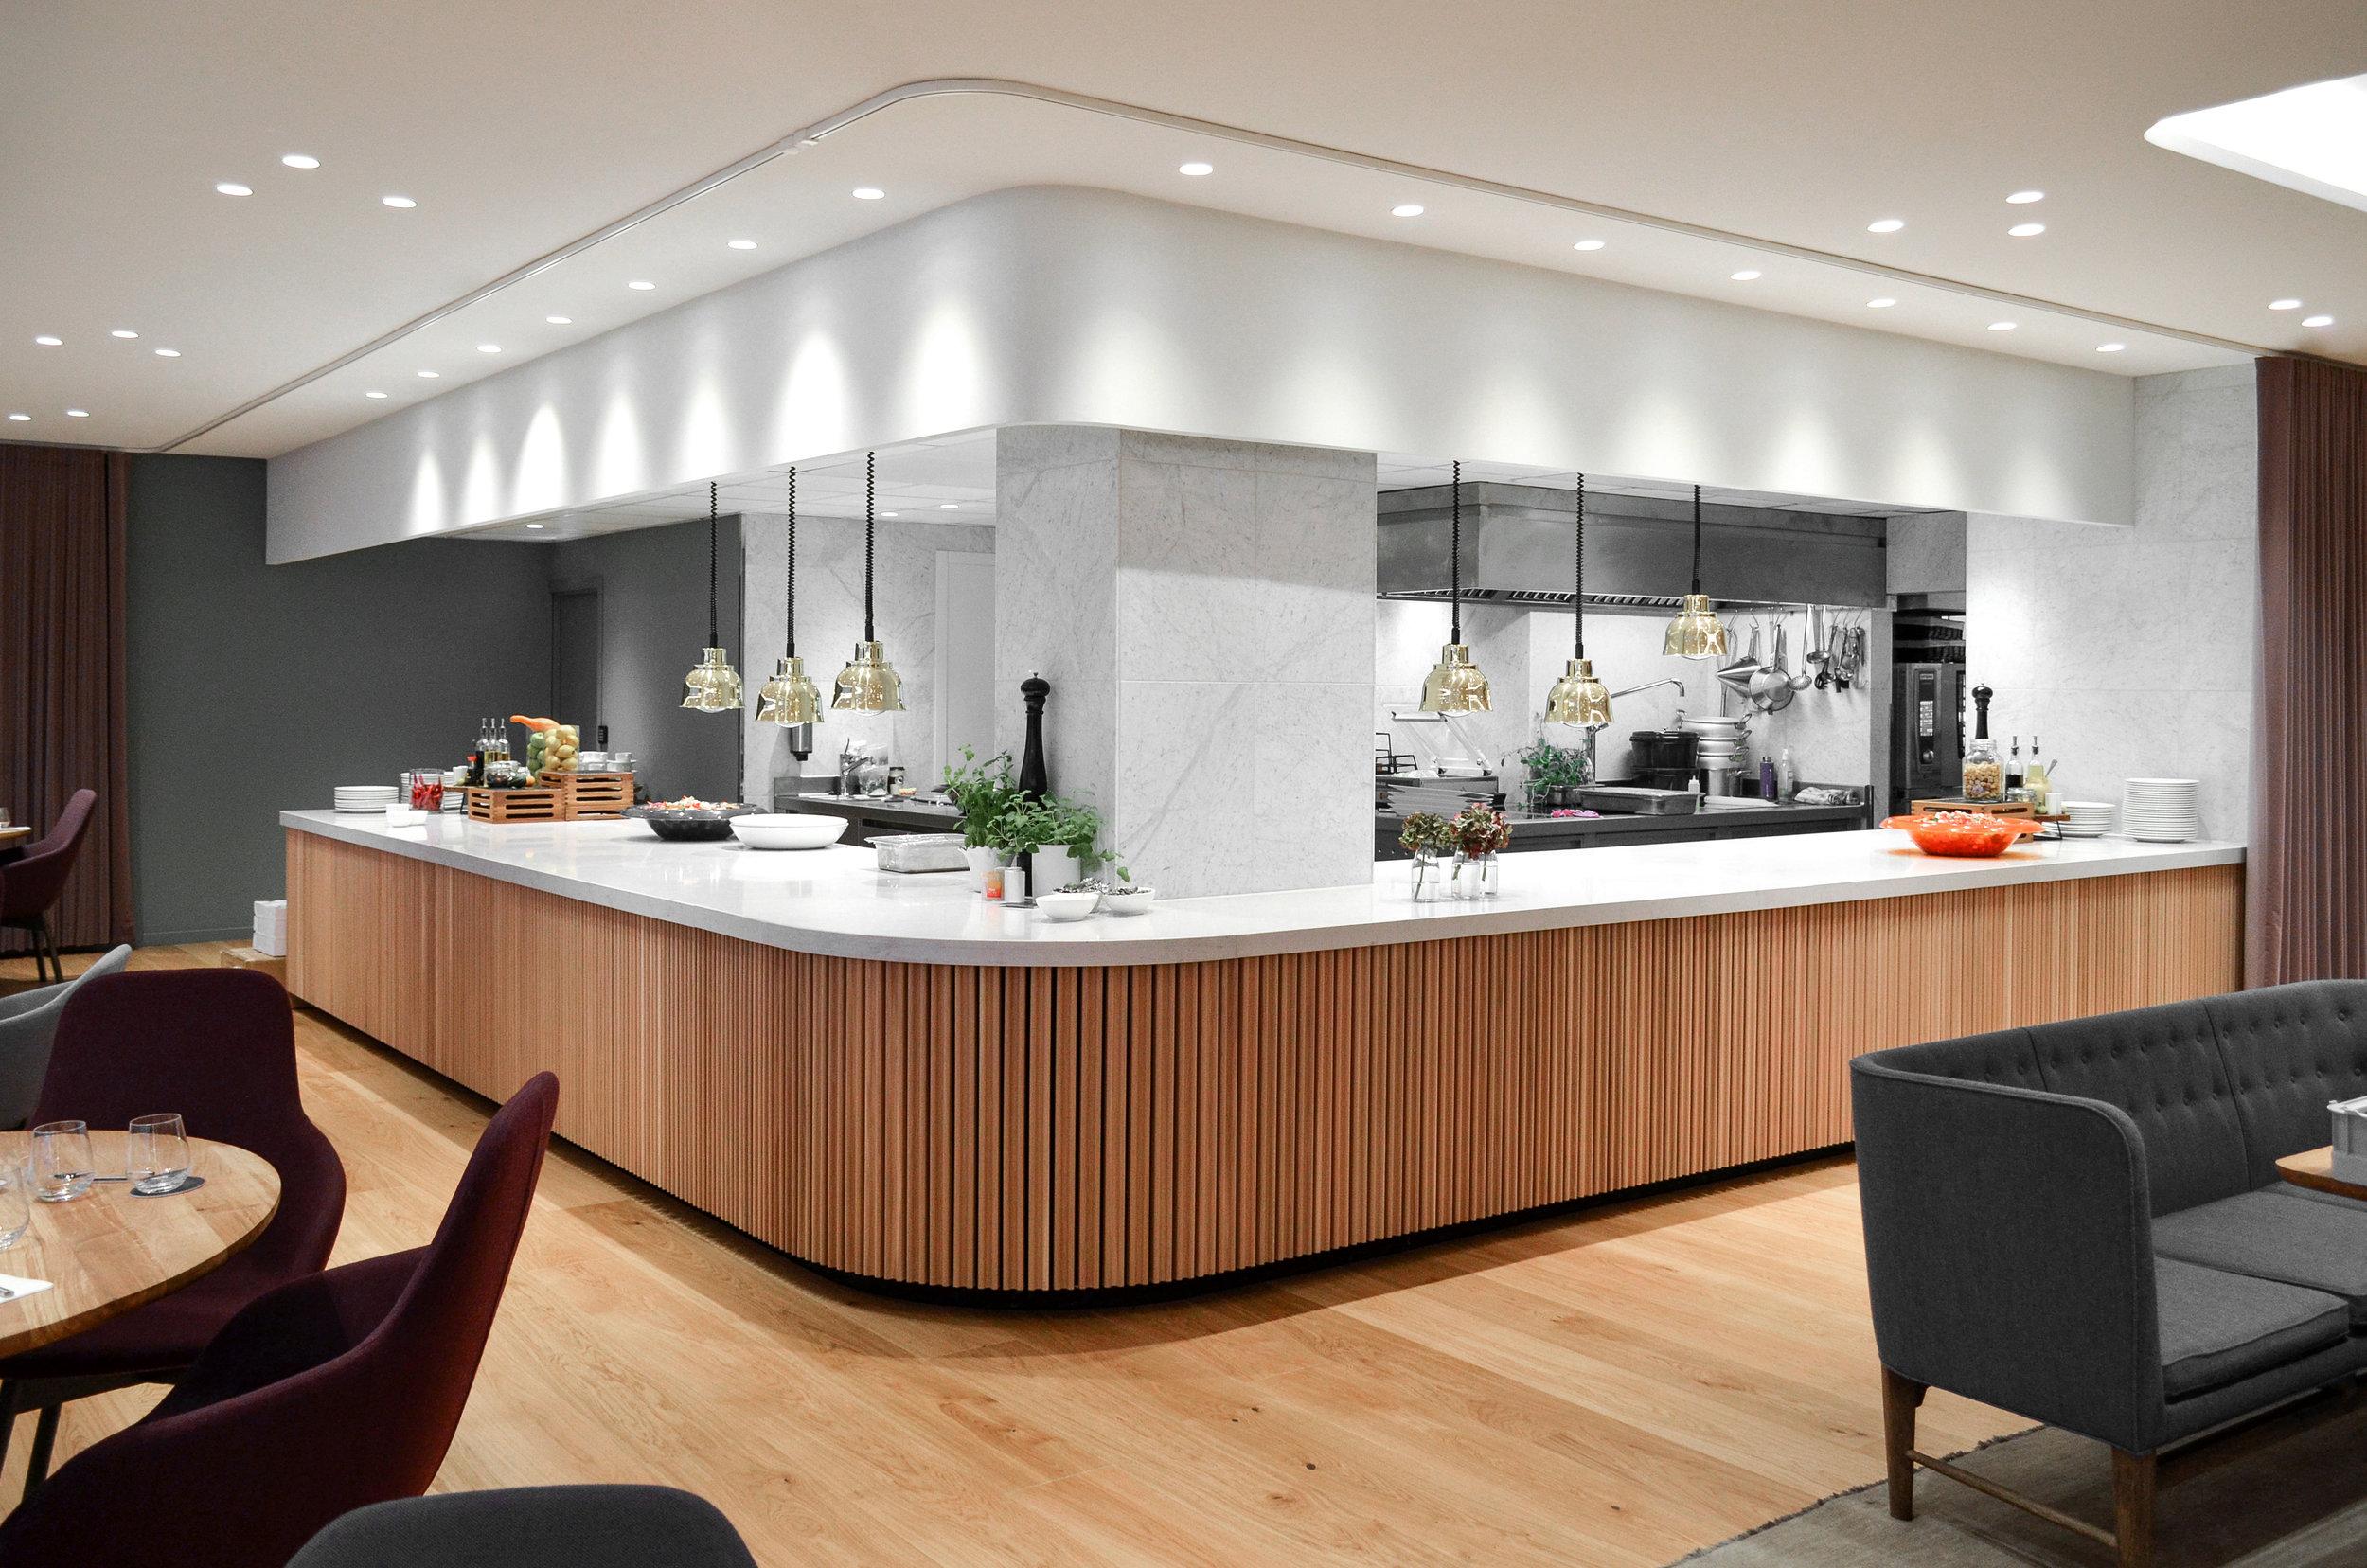 Restaurant Tivander architect drawn kitchen, scandinavian interior design and furniture